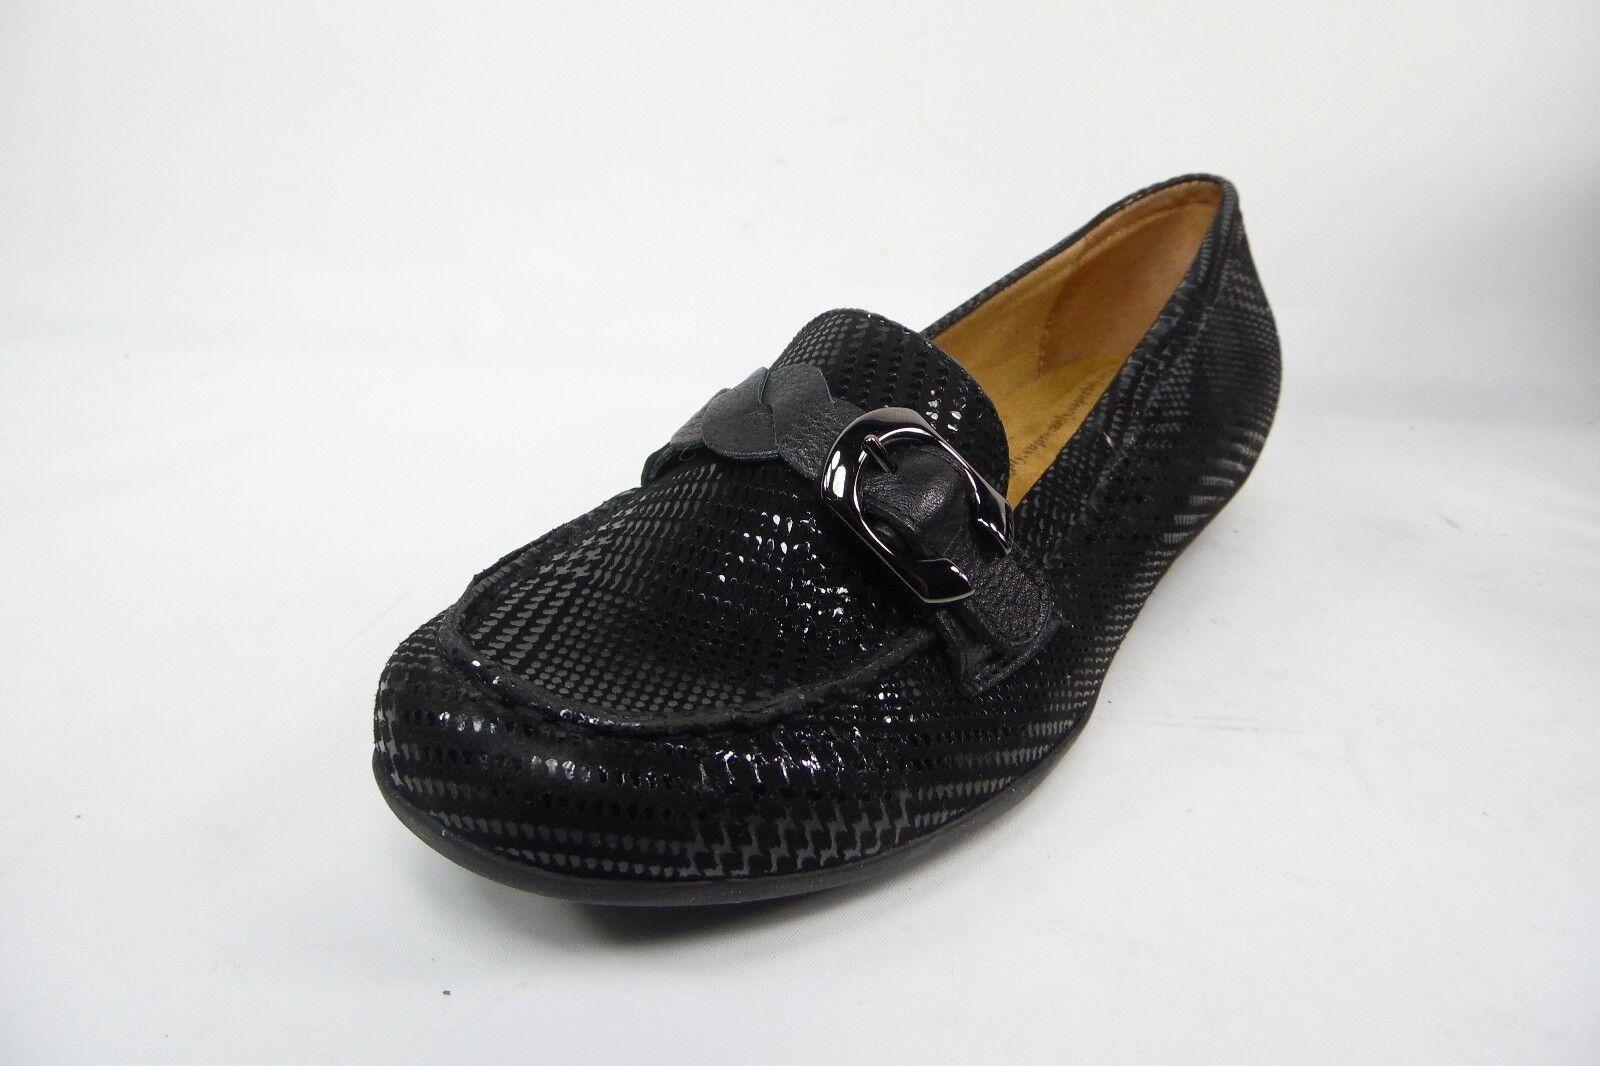 per poco costoso Softspots donna Peron nero Suede Slip Slip Slip On scarpe Dimensione 9.5W  merce di alta qualità e servizio conveniente e onesto